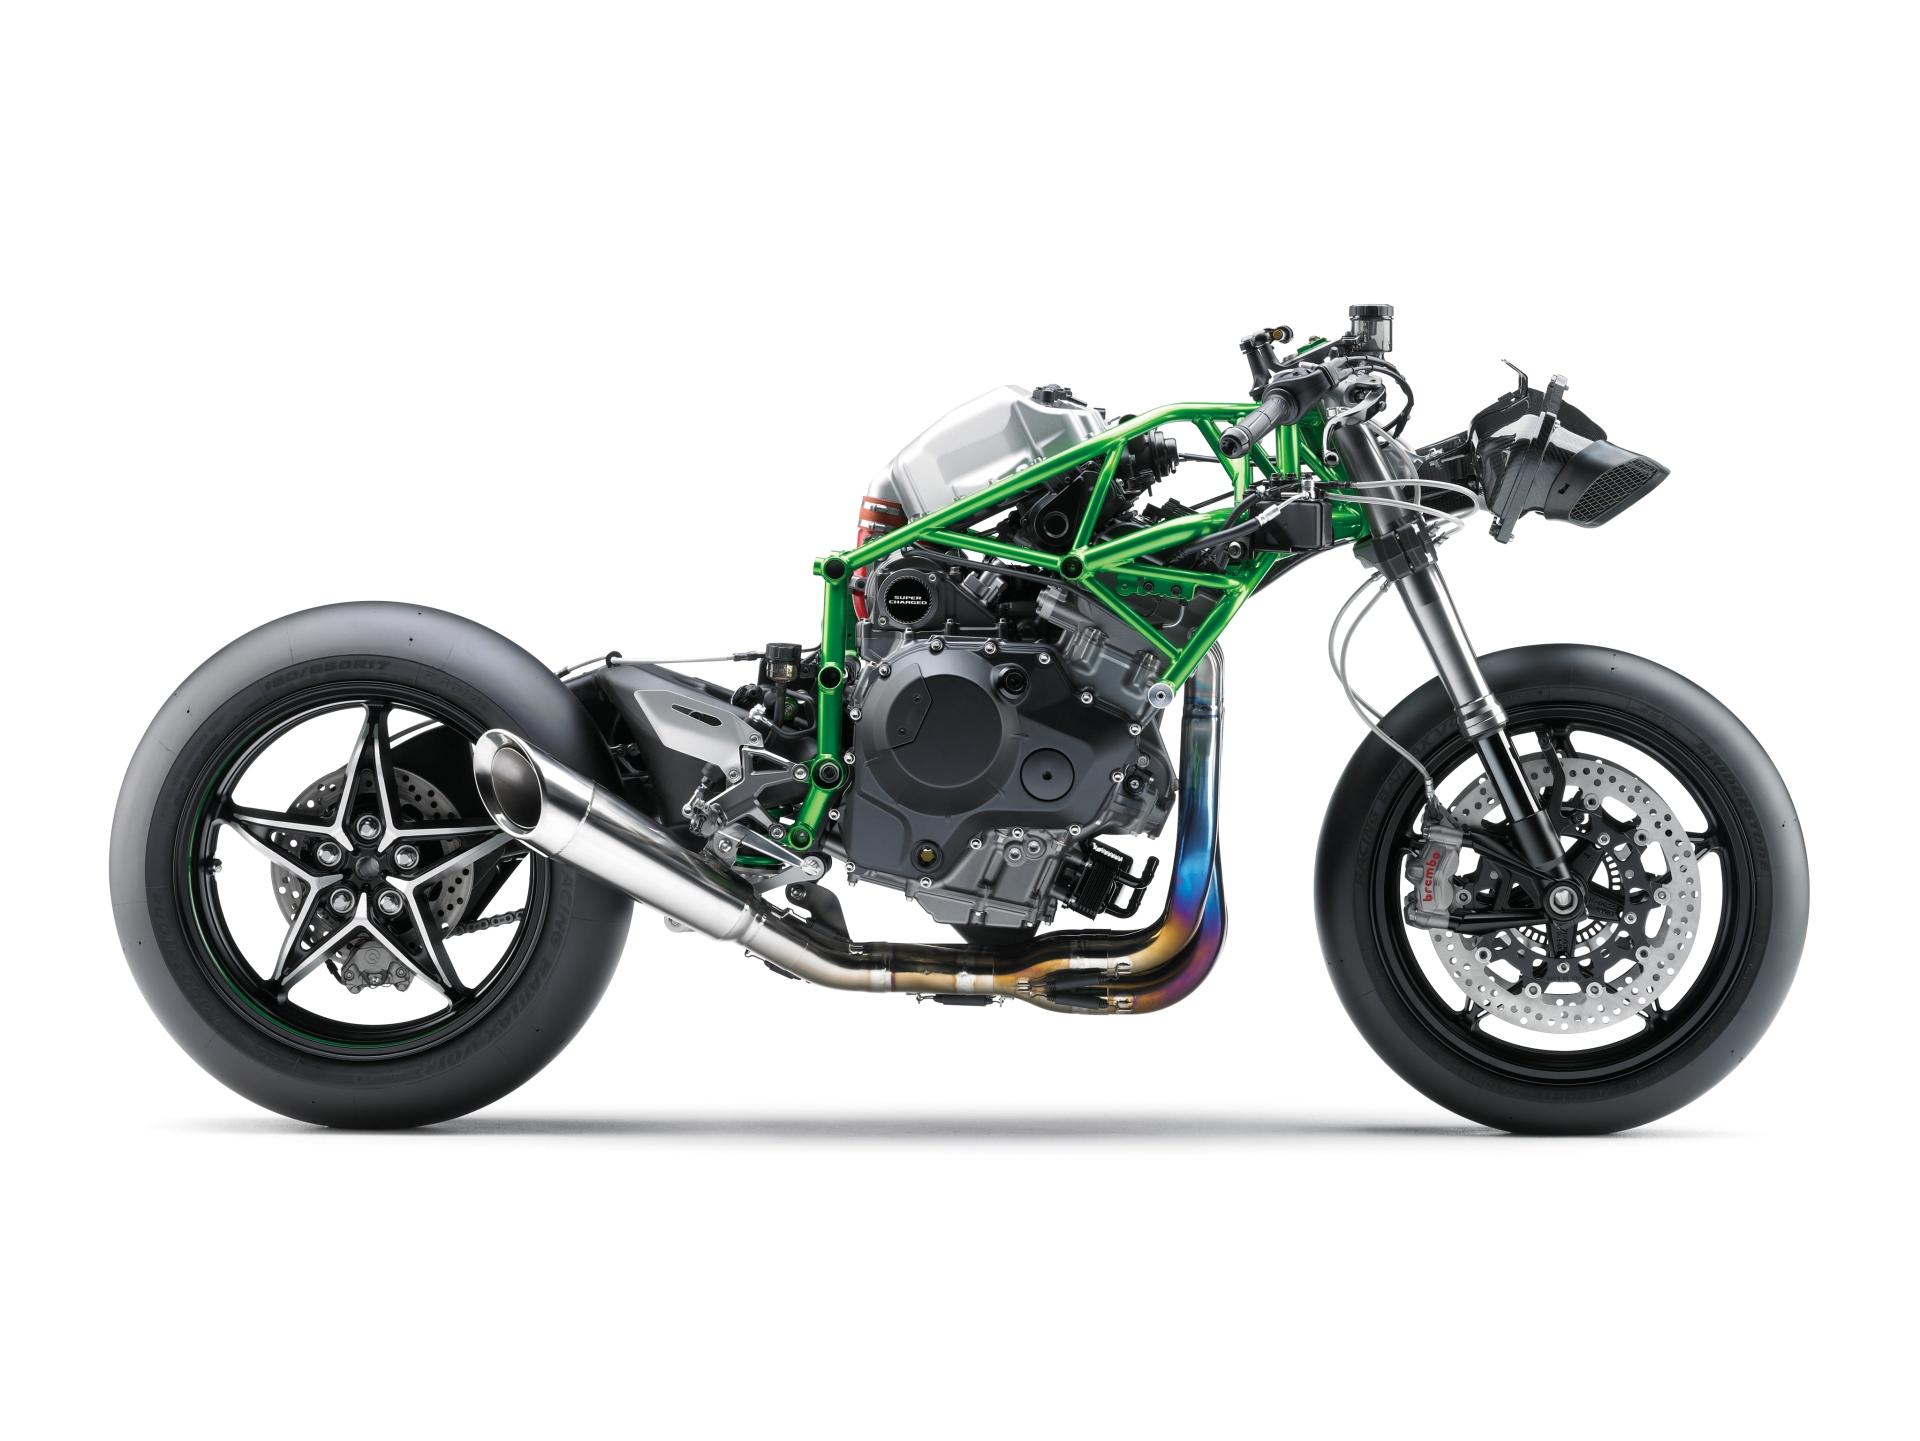 Kawasaki Ninja H2 and H2R Prices Confirmed - autoevolution